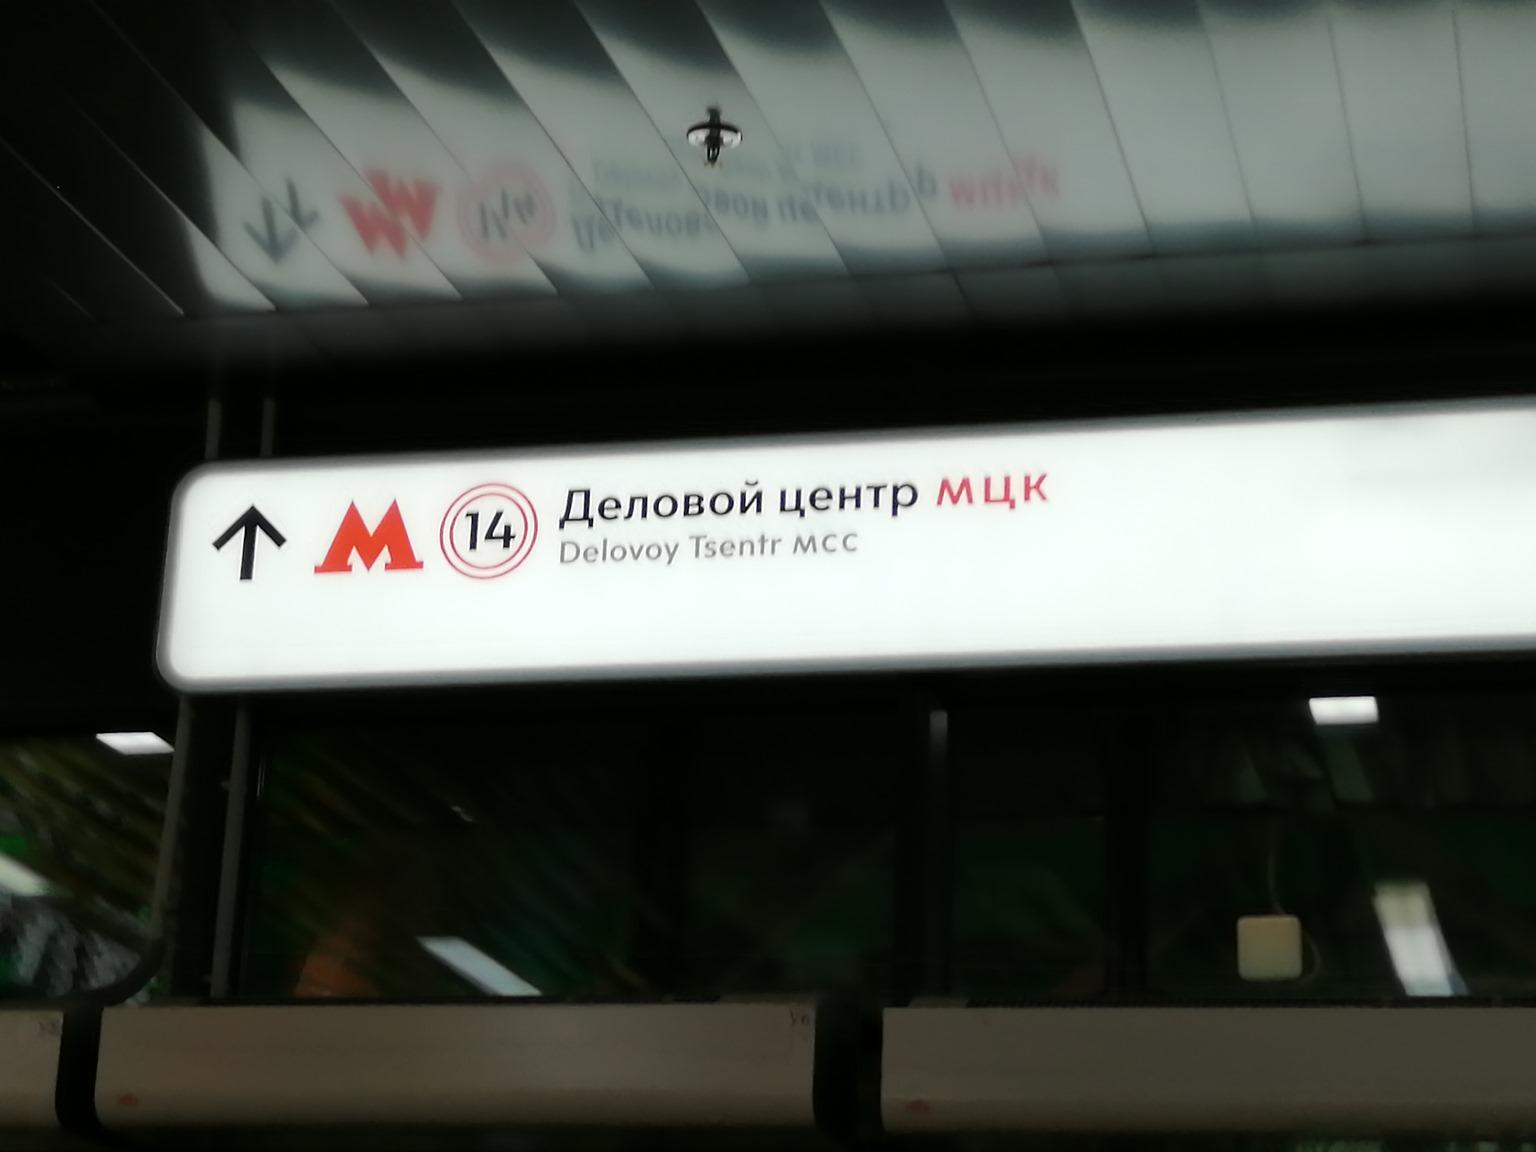 Стекло от ДомГласс на указателях навигации в московском метро